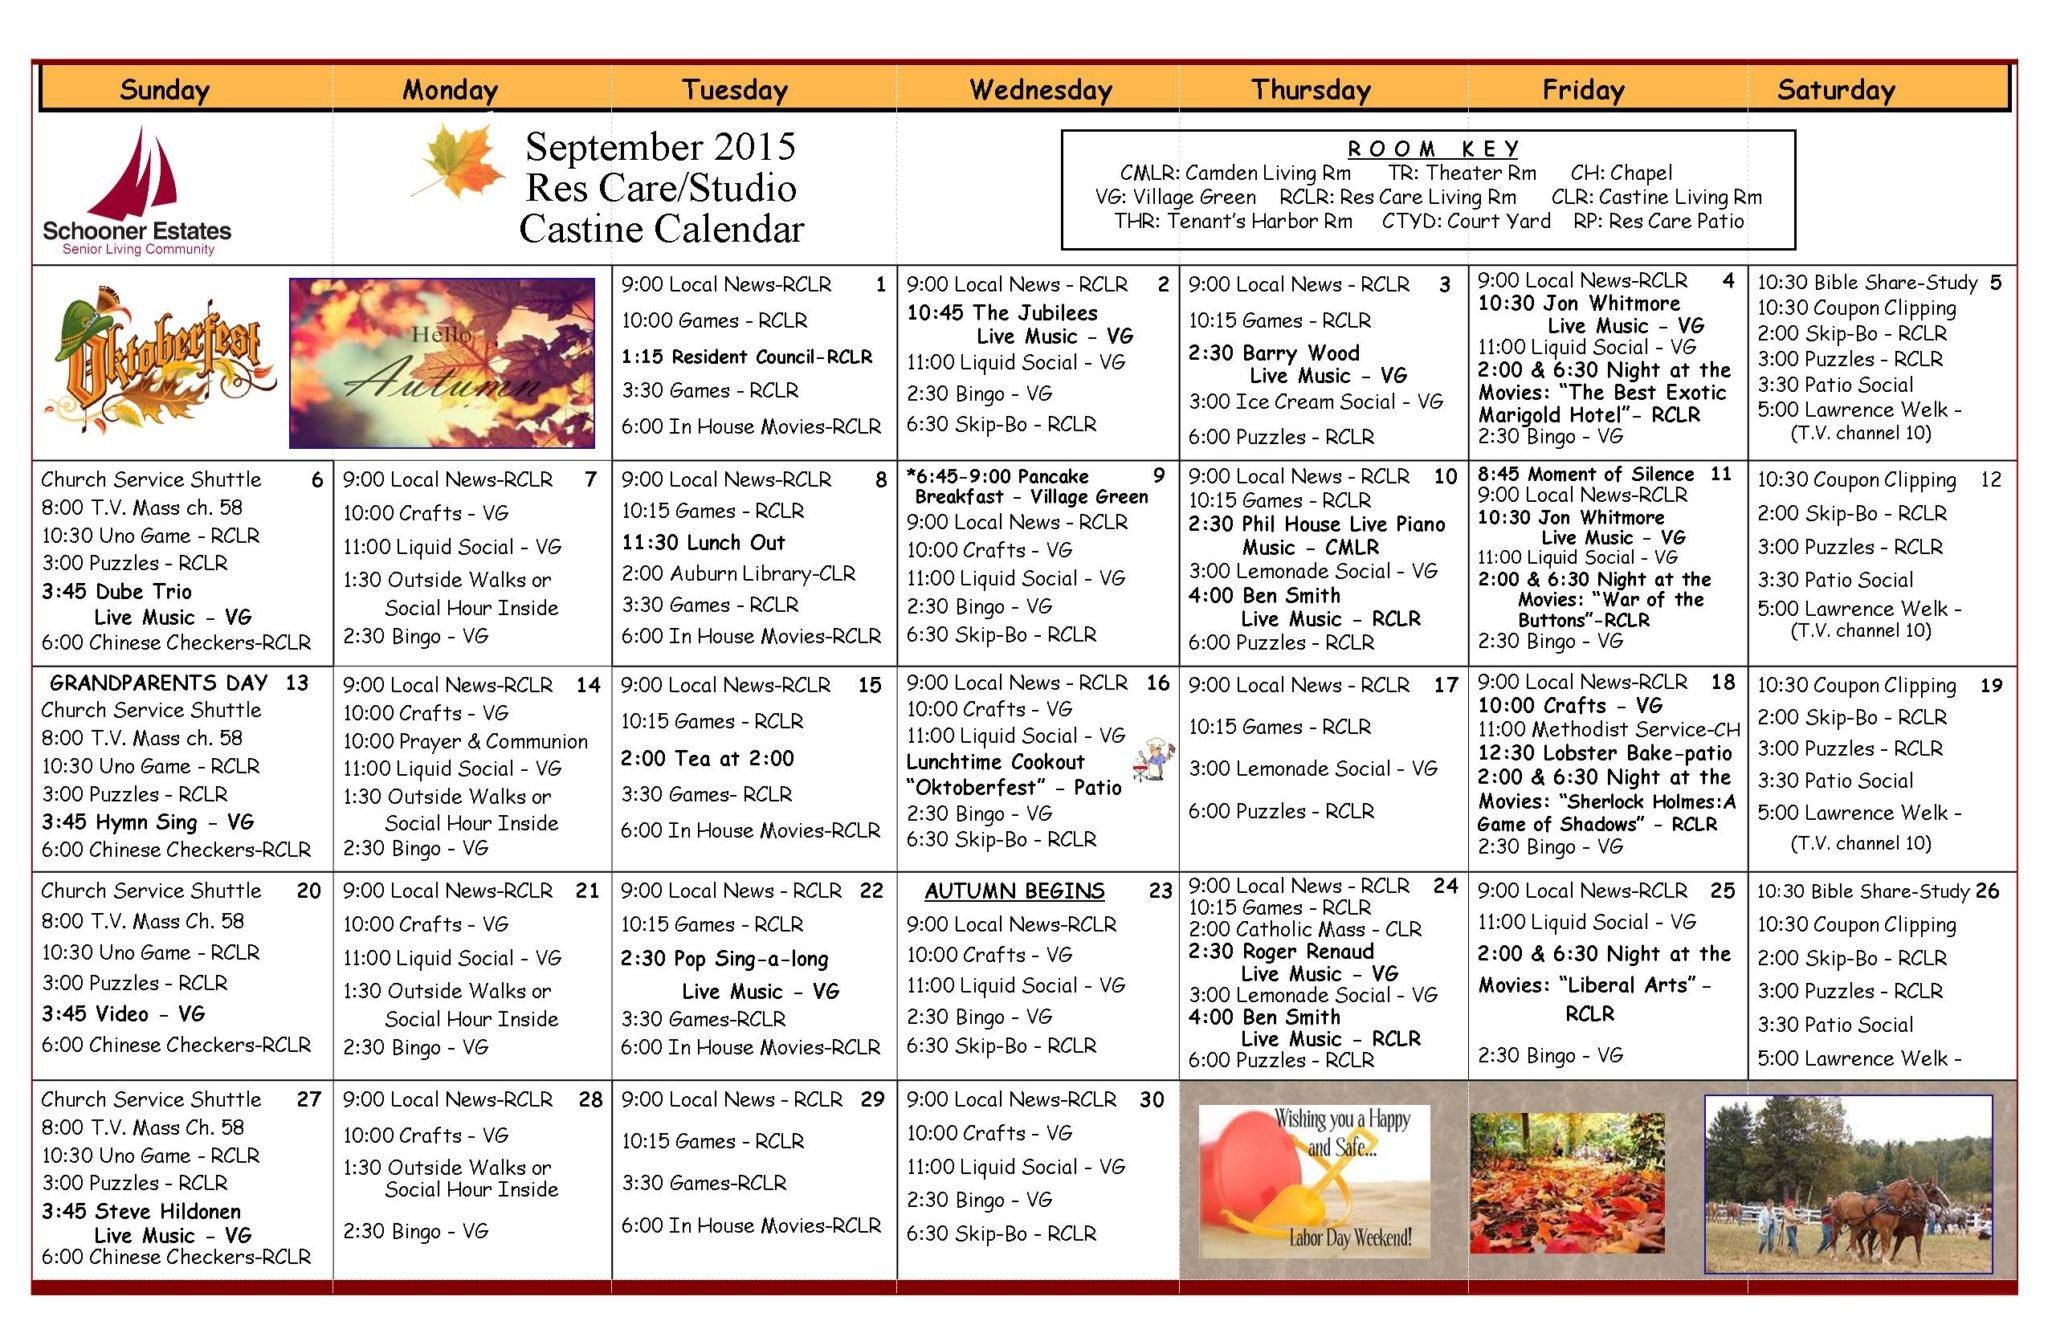 September 2015 Residential Care Calendar